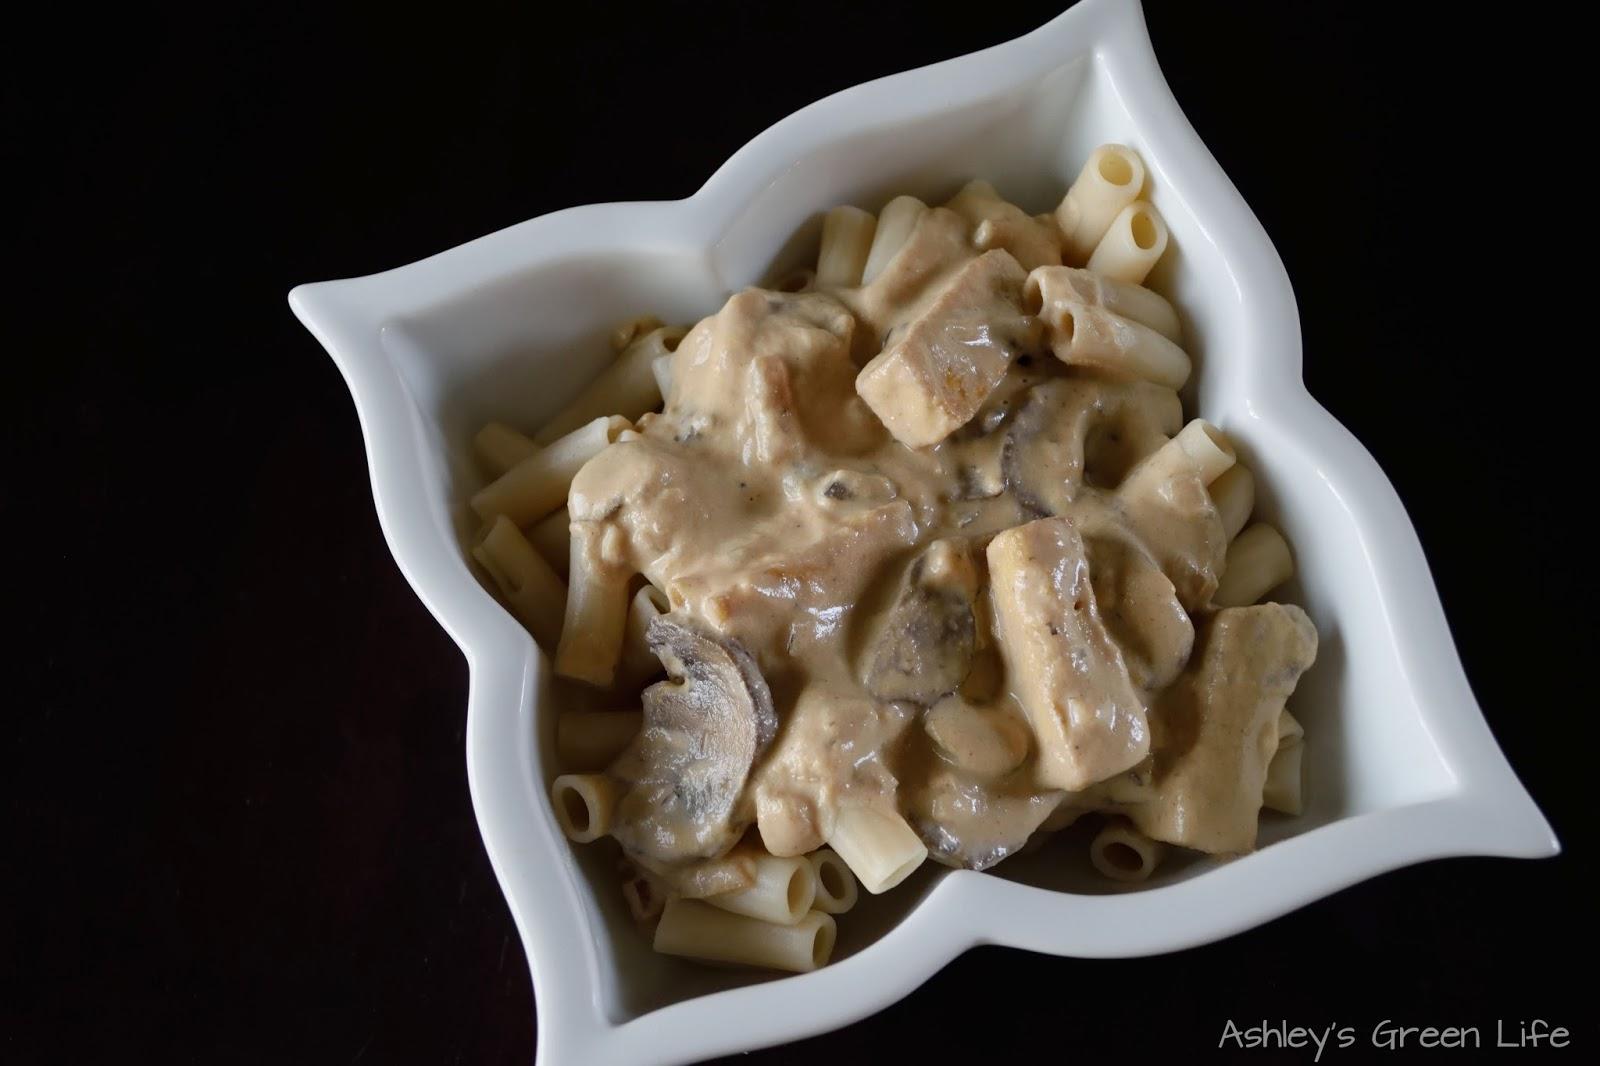 Ashley's Green Life: Vegan Tofu Mushroom Stroganoff